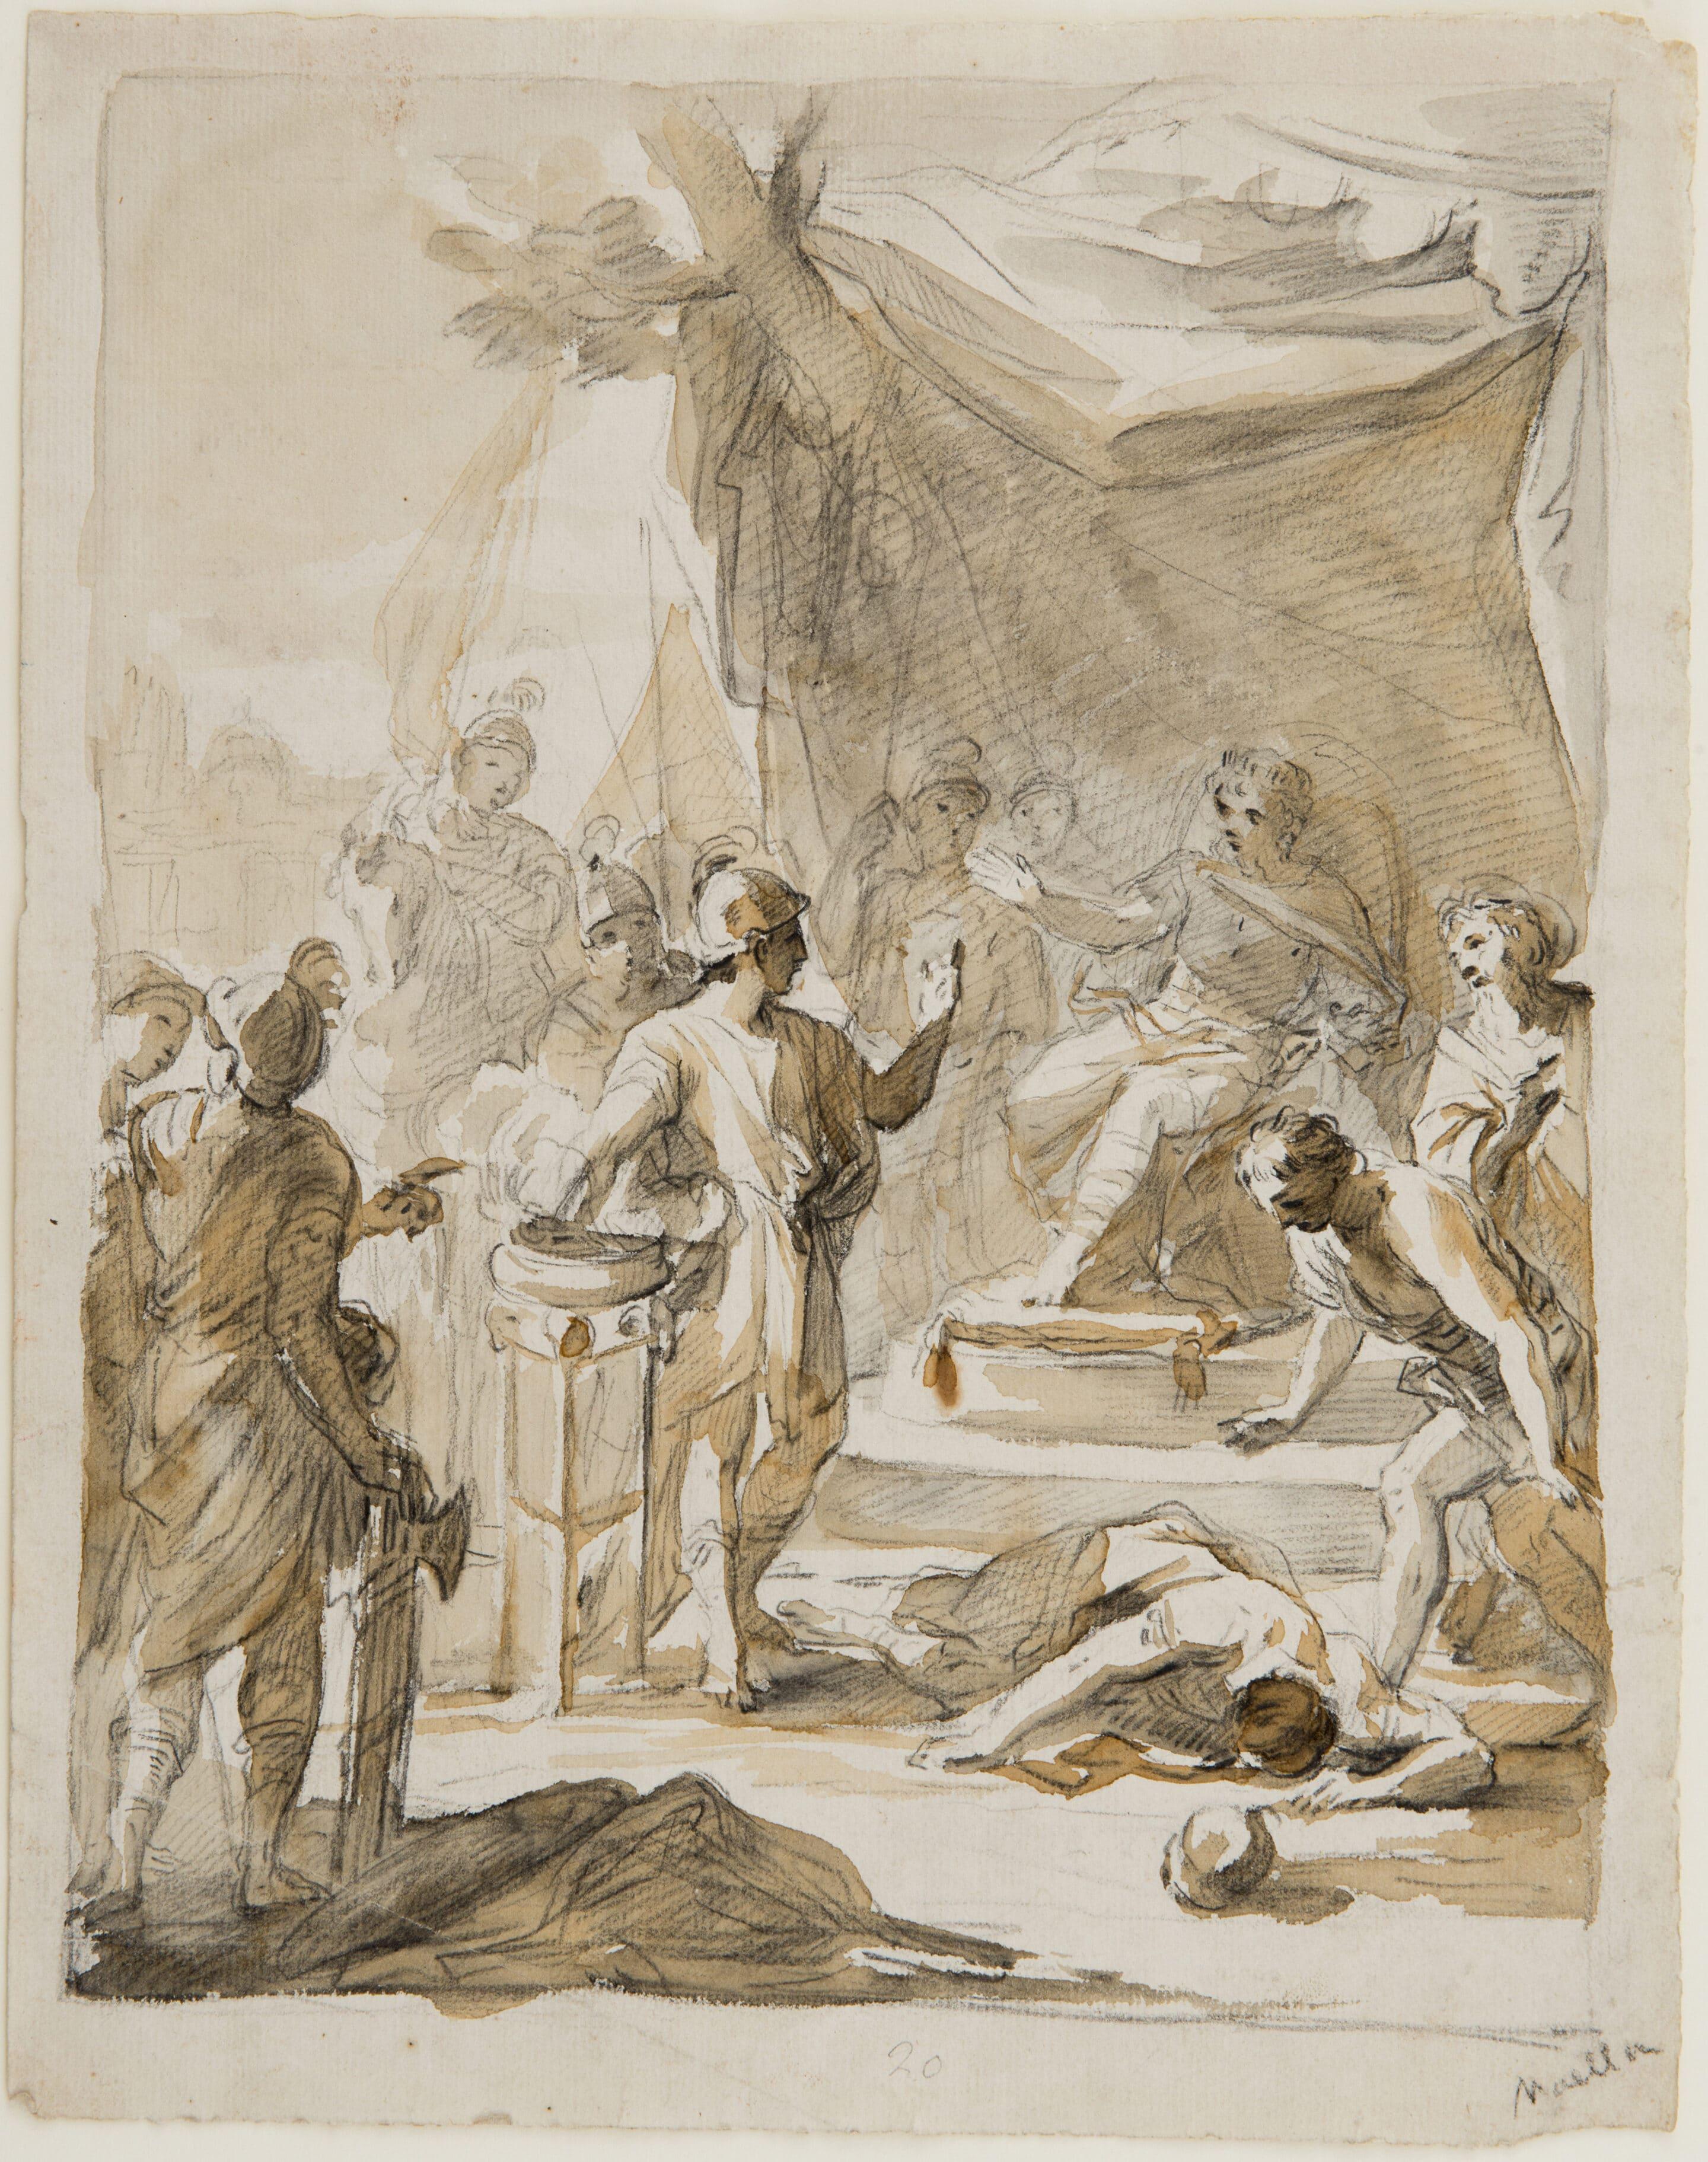 Mucius Scaevola confronting King Porsenna - Mariano Salvador Maella